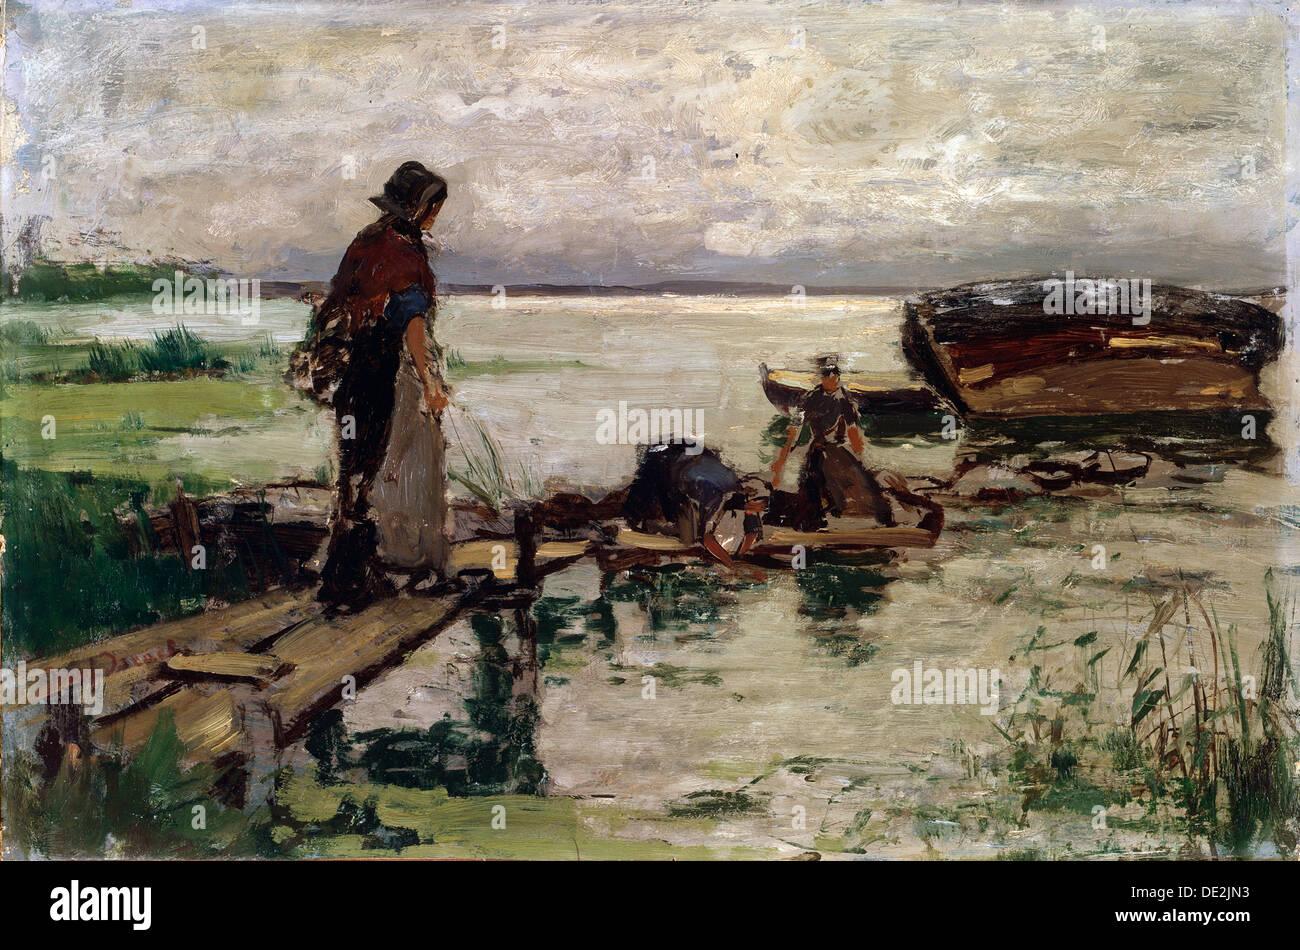 """""""En la orilla"""", xix o comienzos del siglo XX. Artista: Jozef Israels Imagen De Stock"""